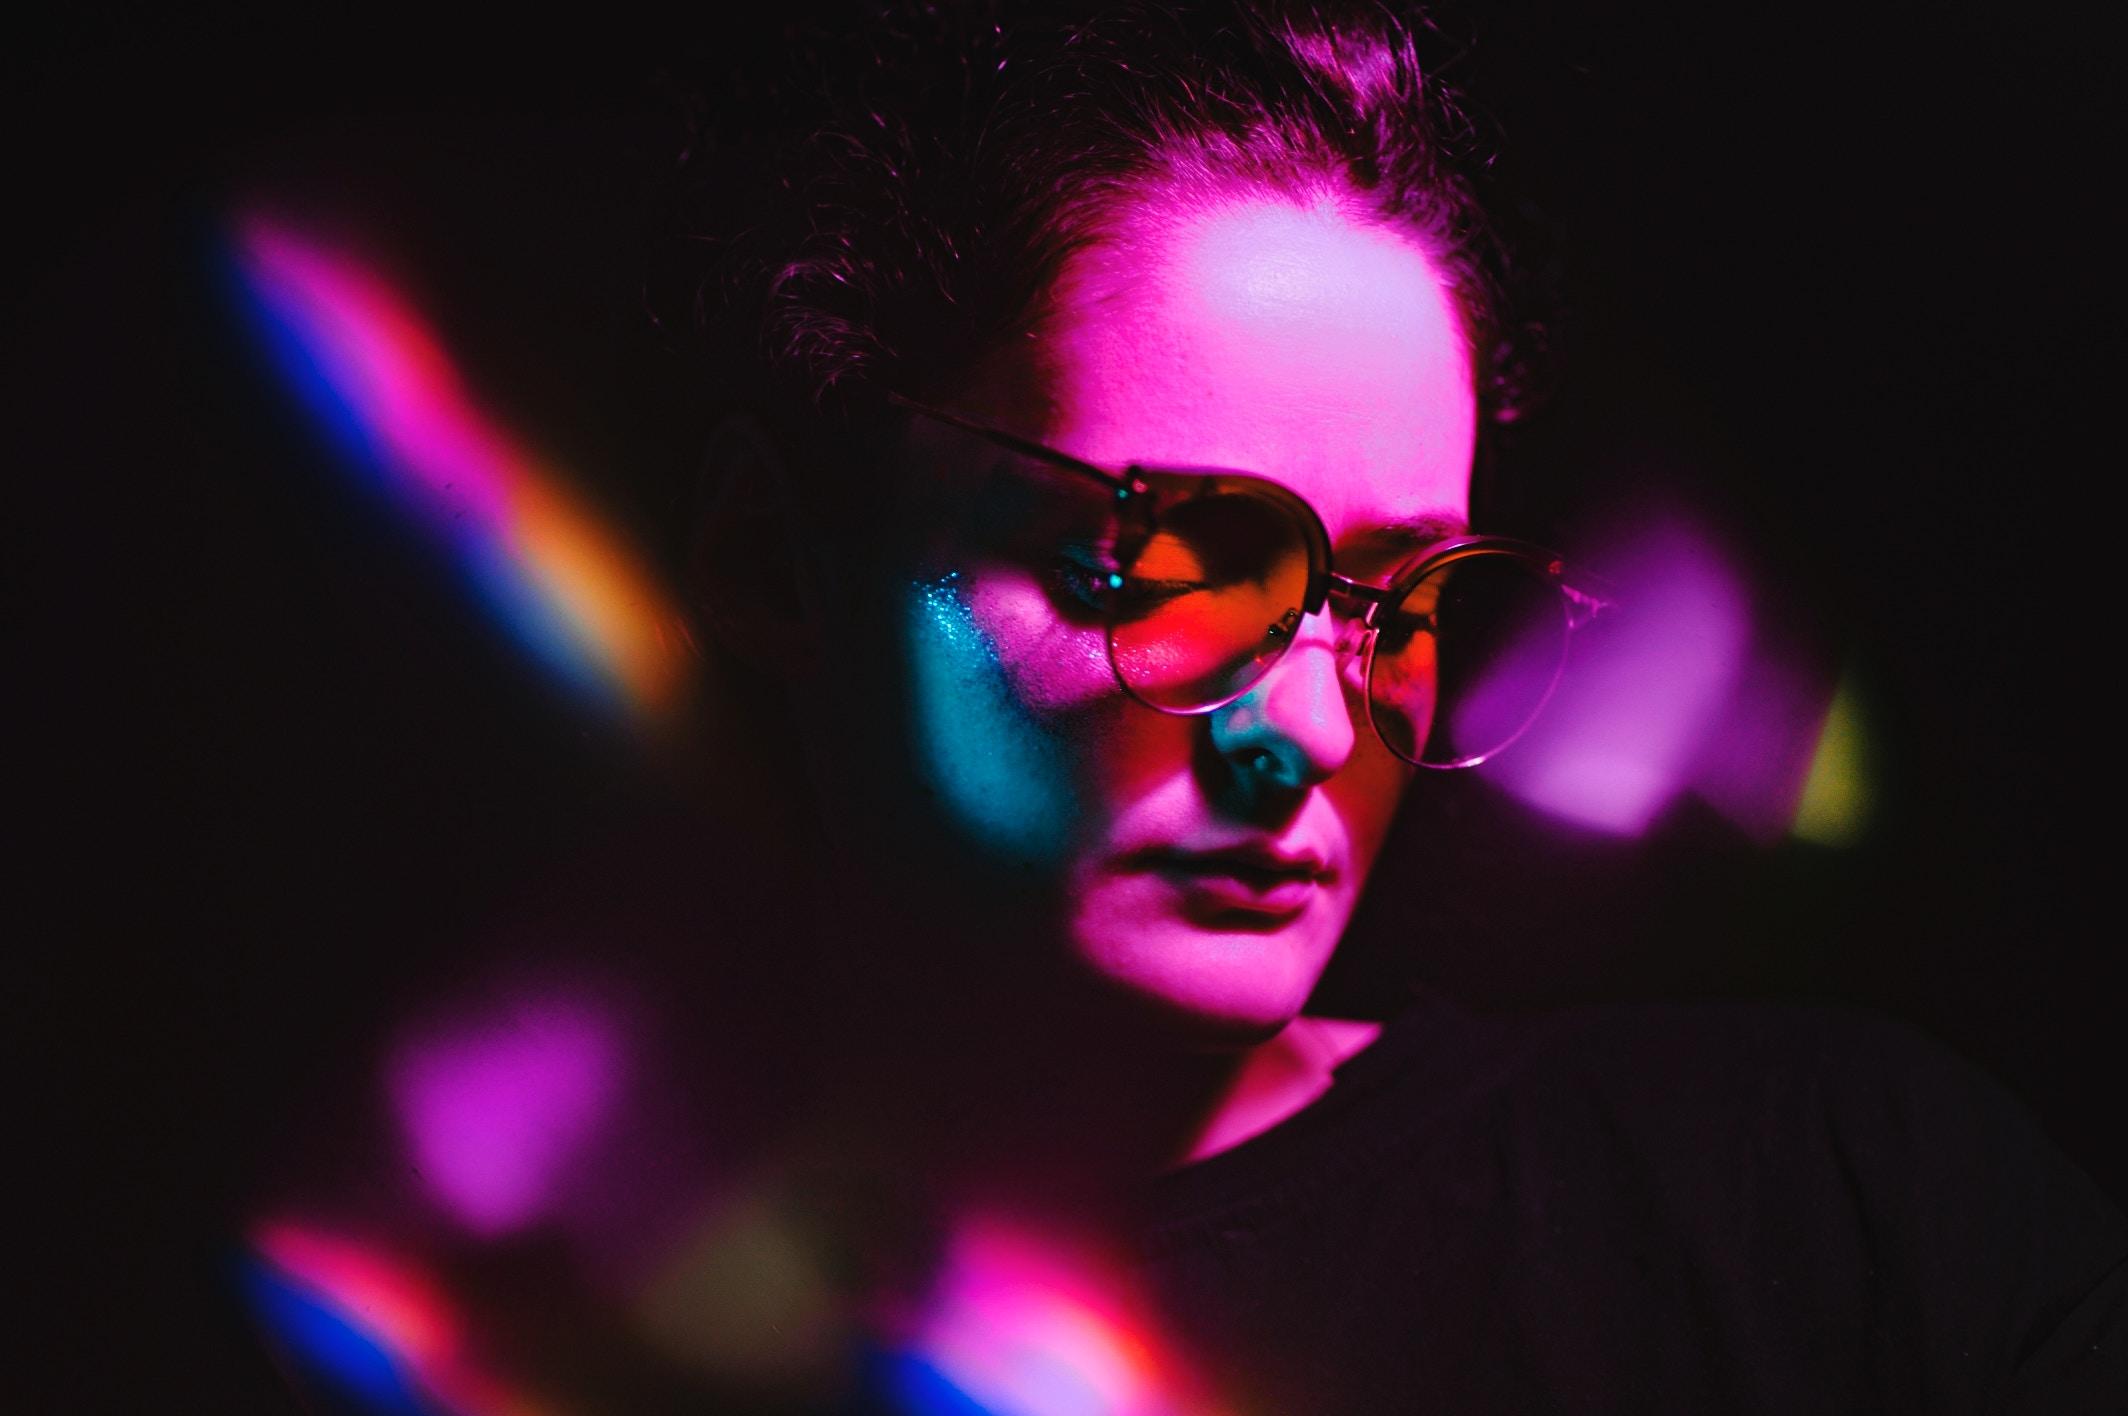 chica con gafas en la discoteca